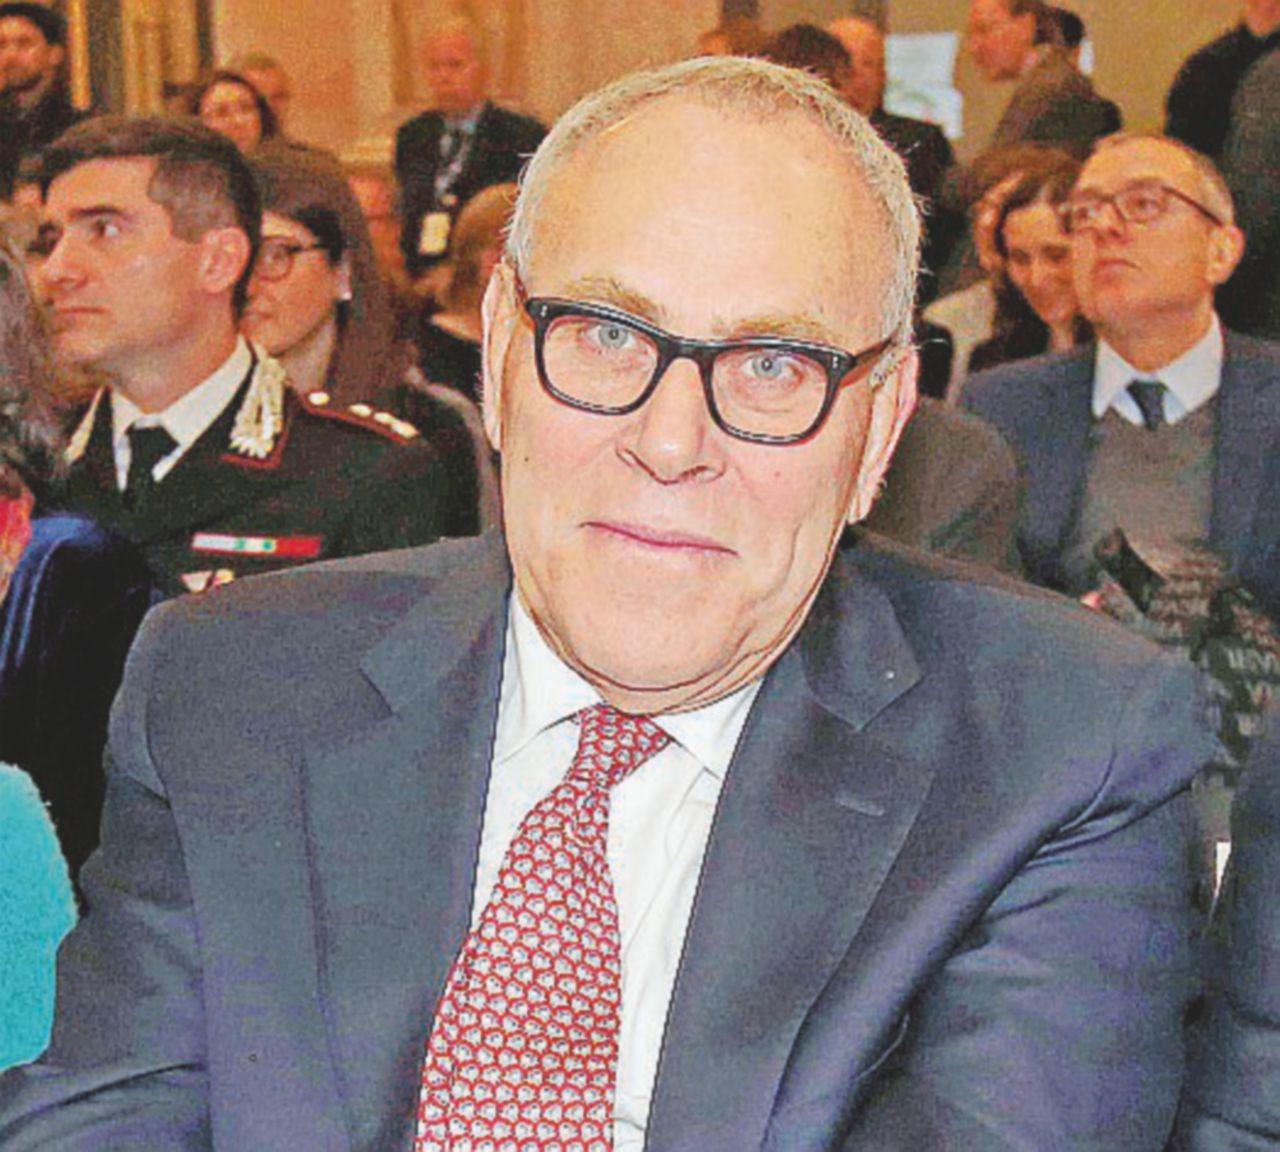 Troppe polemiche politiche: il procuratore Greco non va all'evento in memoria di Casaleggio